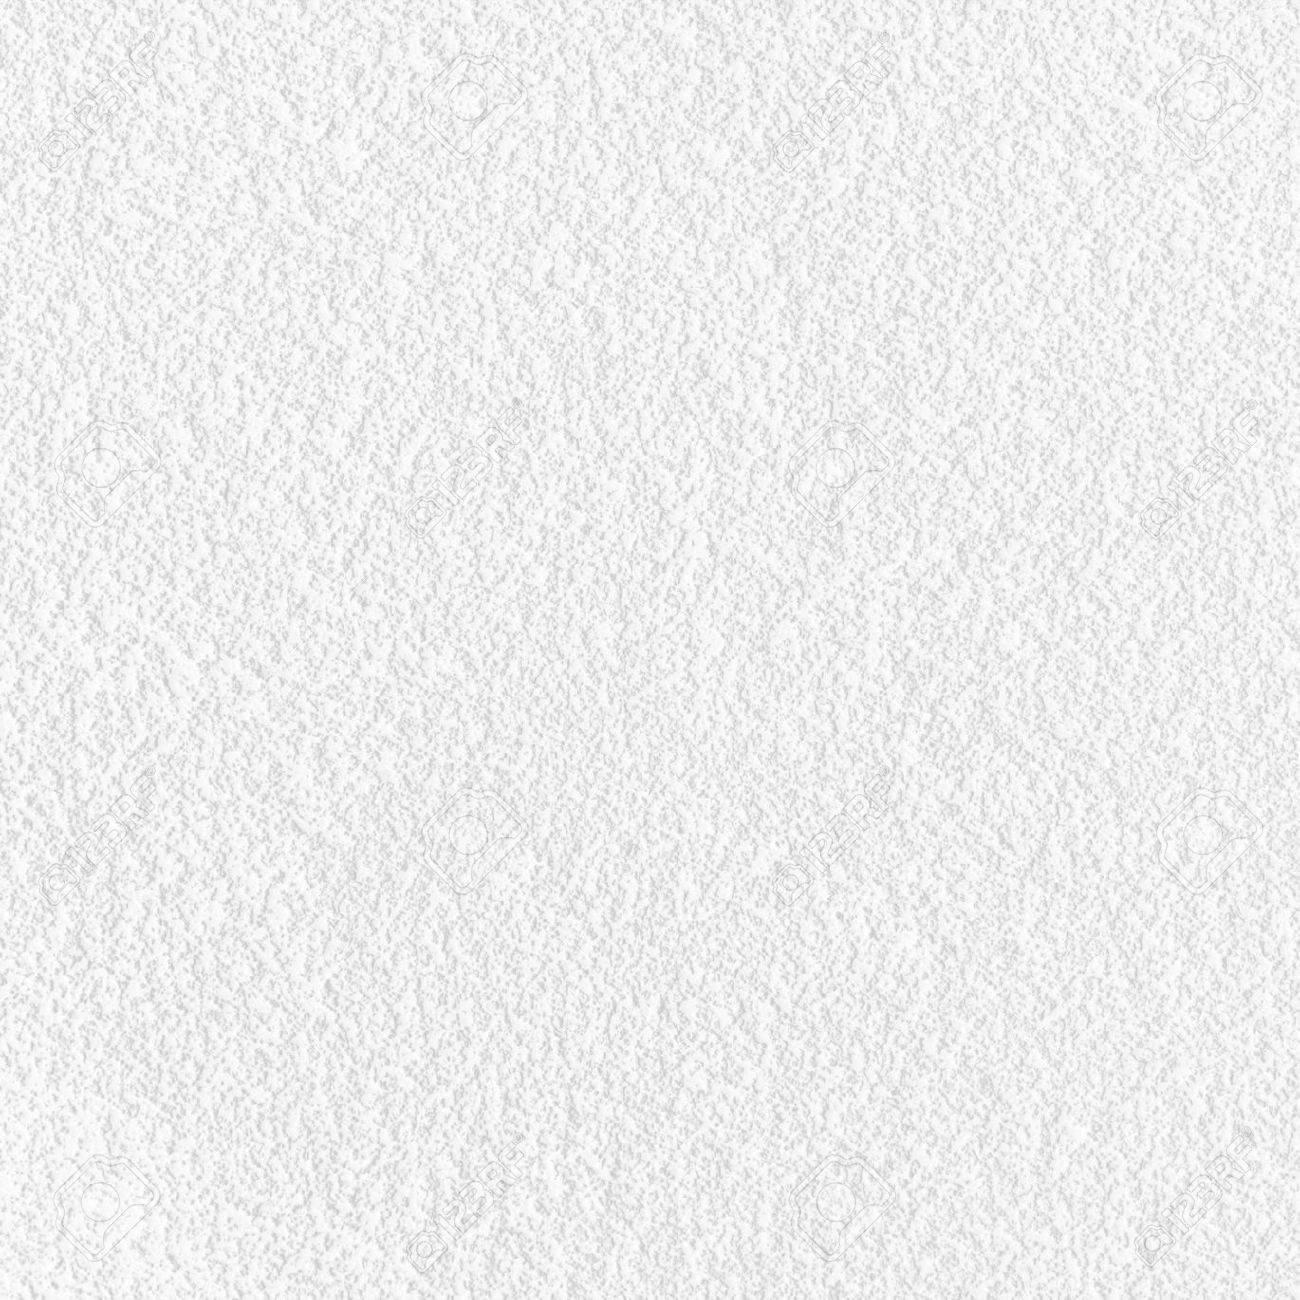 weiße wand papier textur hintergrund lizenzfreie fotos, bilder und